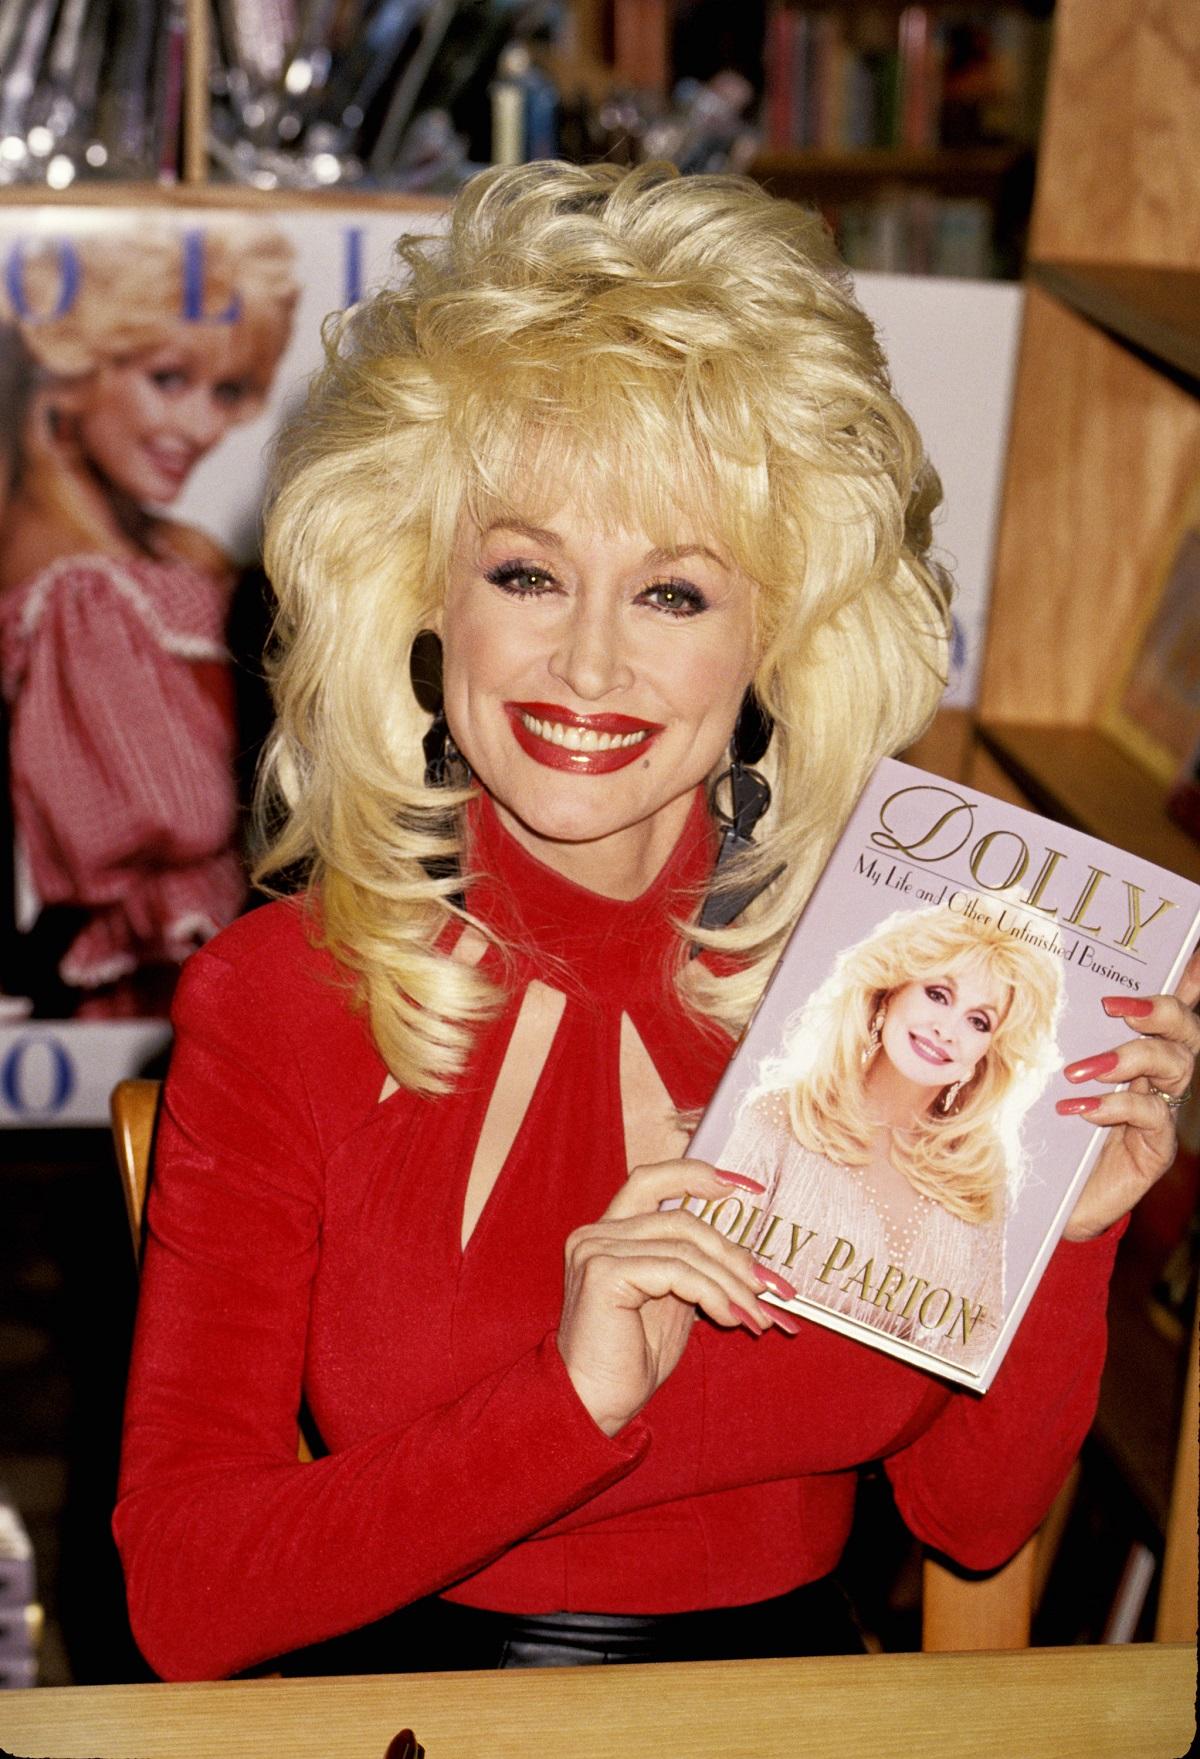 Dolly Parton at a book signing